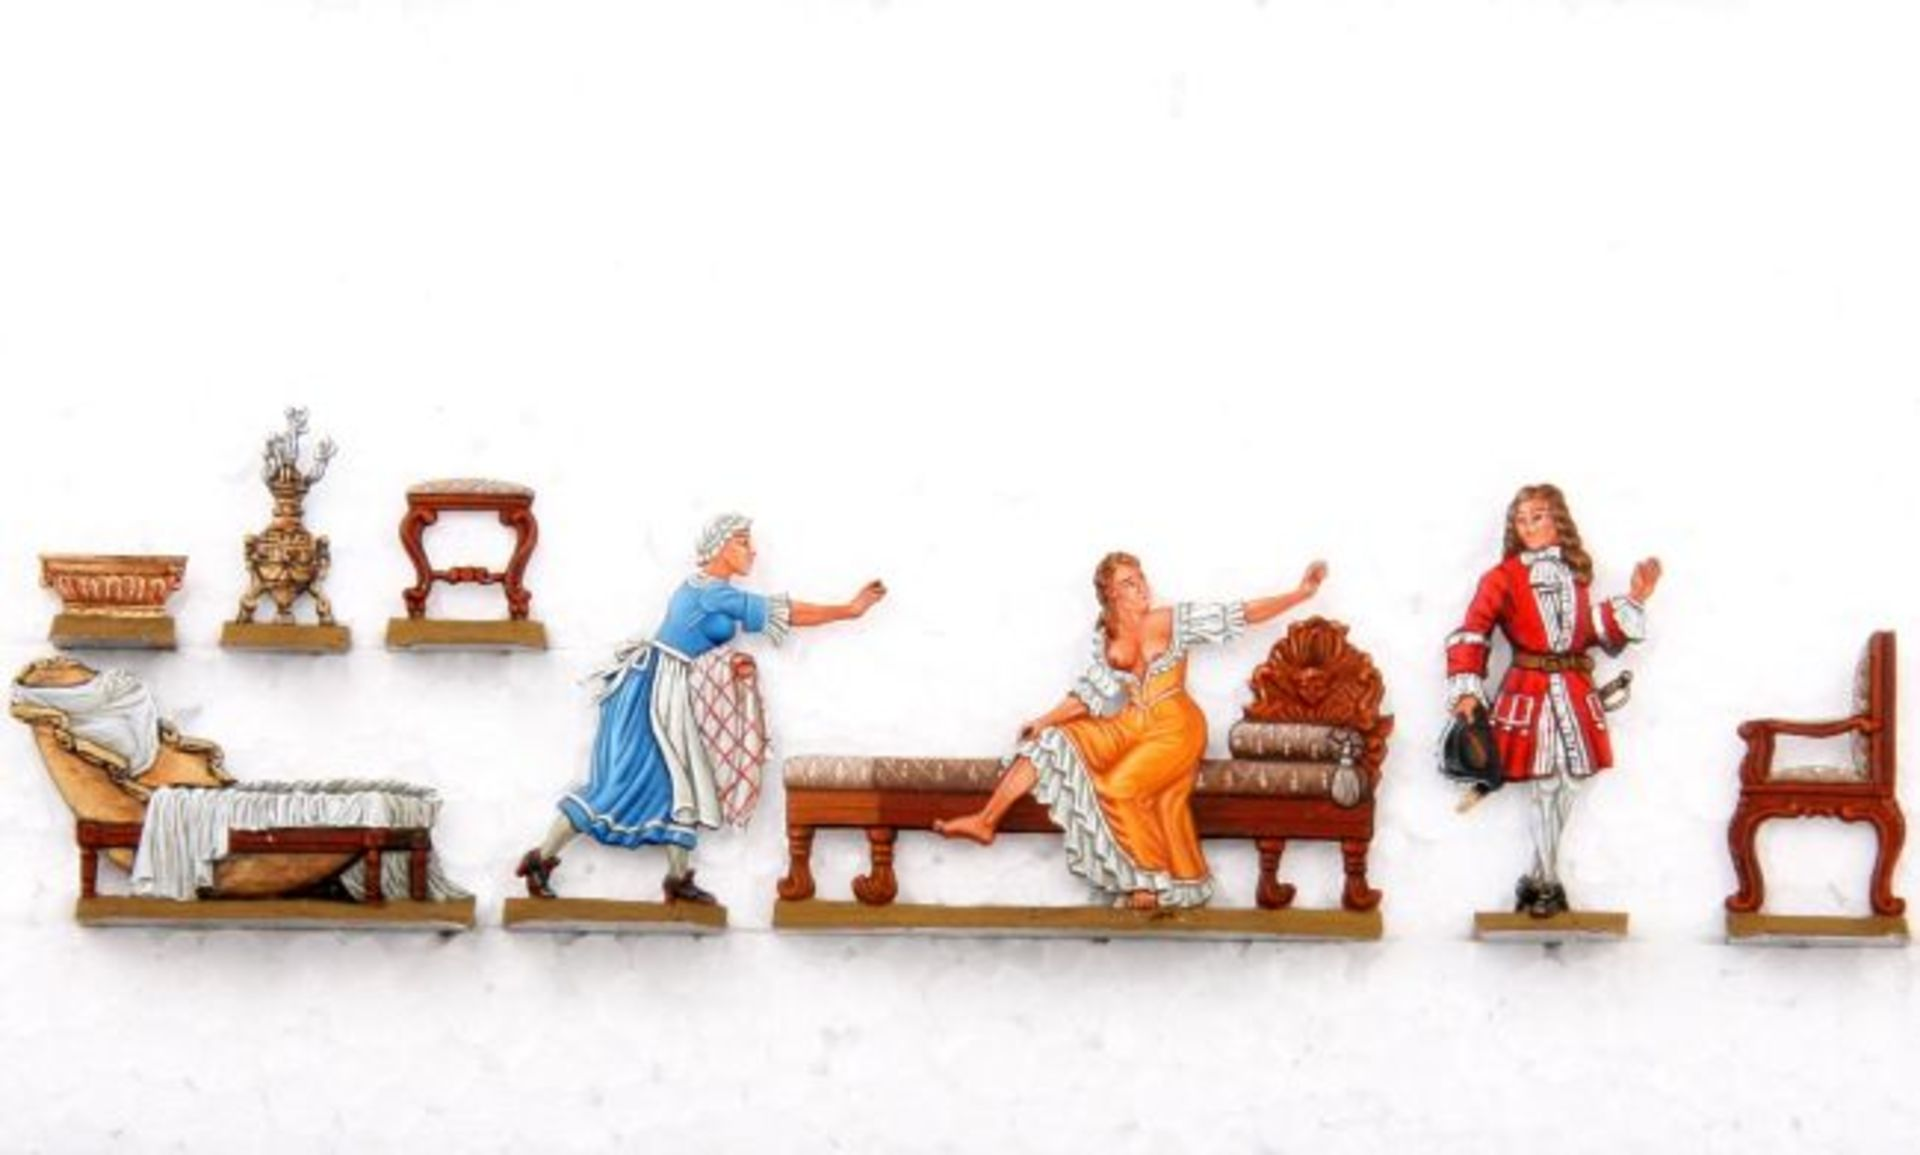 Rokoko, Morgentoilette, Scholtz, hervorragende, einseitige Bemalung von v. Hofe, 8 Figuren, flache